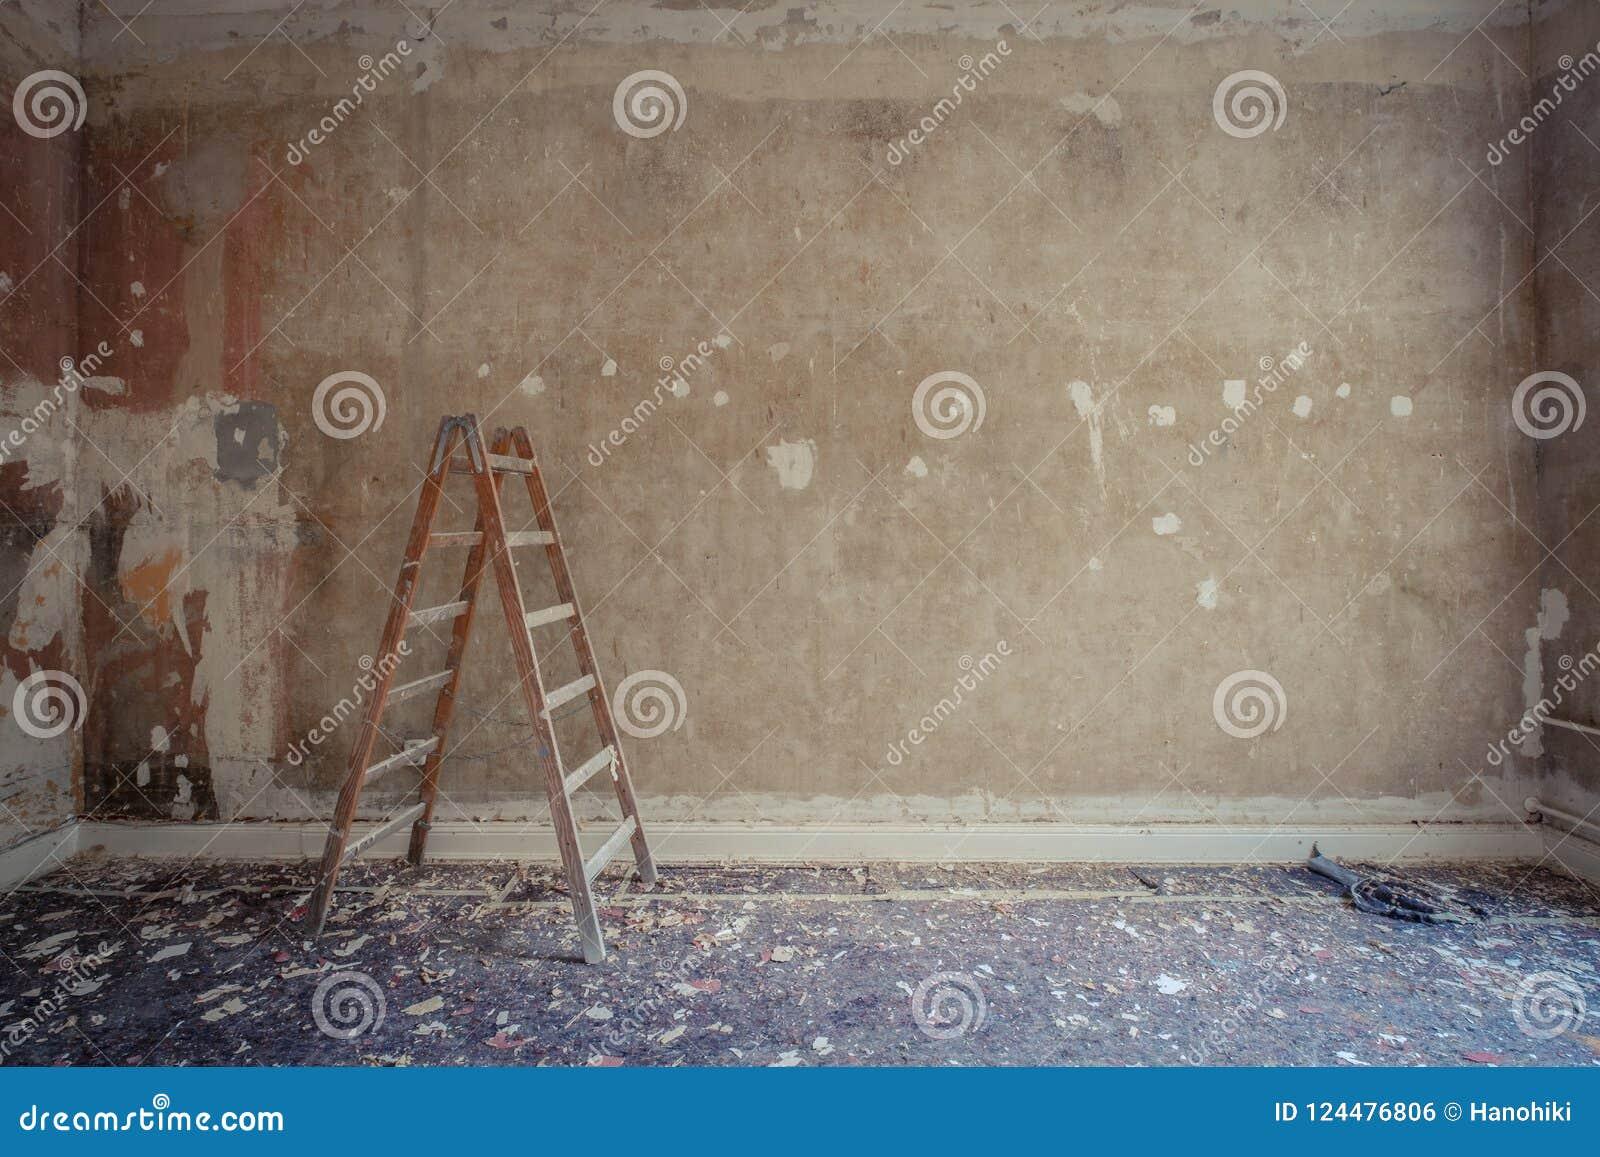 Σκάλα στο κενό δωμάτιο κατά τη διάρκεια της ανακαίνισης - εγχώρια διακόσμηση, έννοια αποκατάστασης